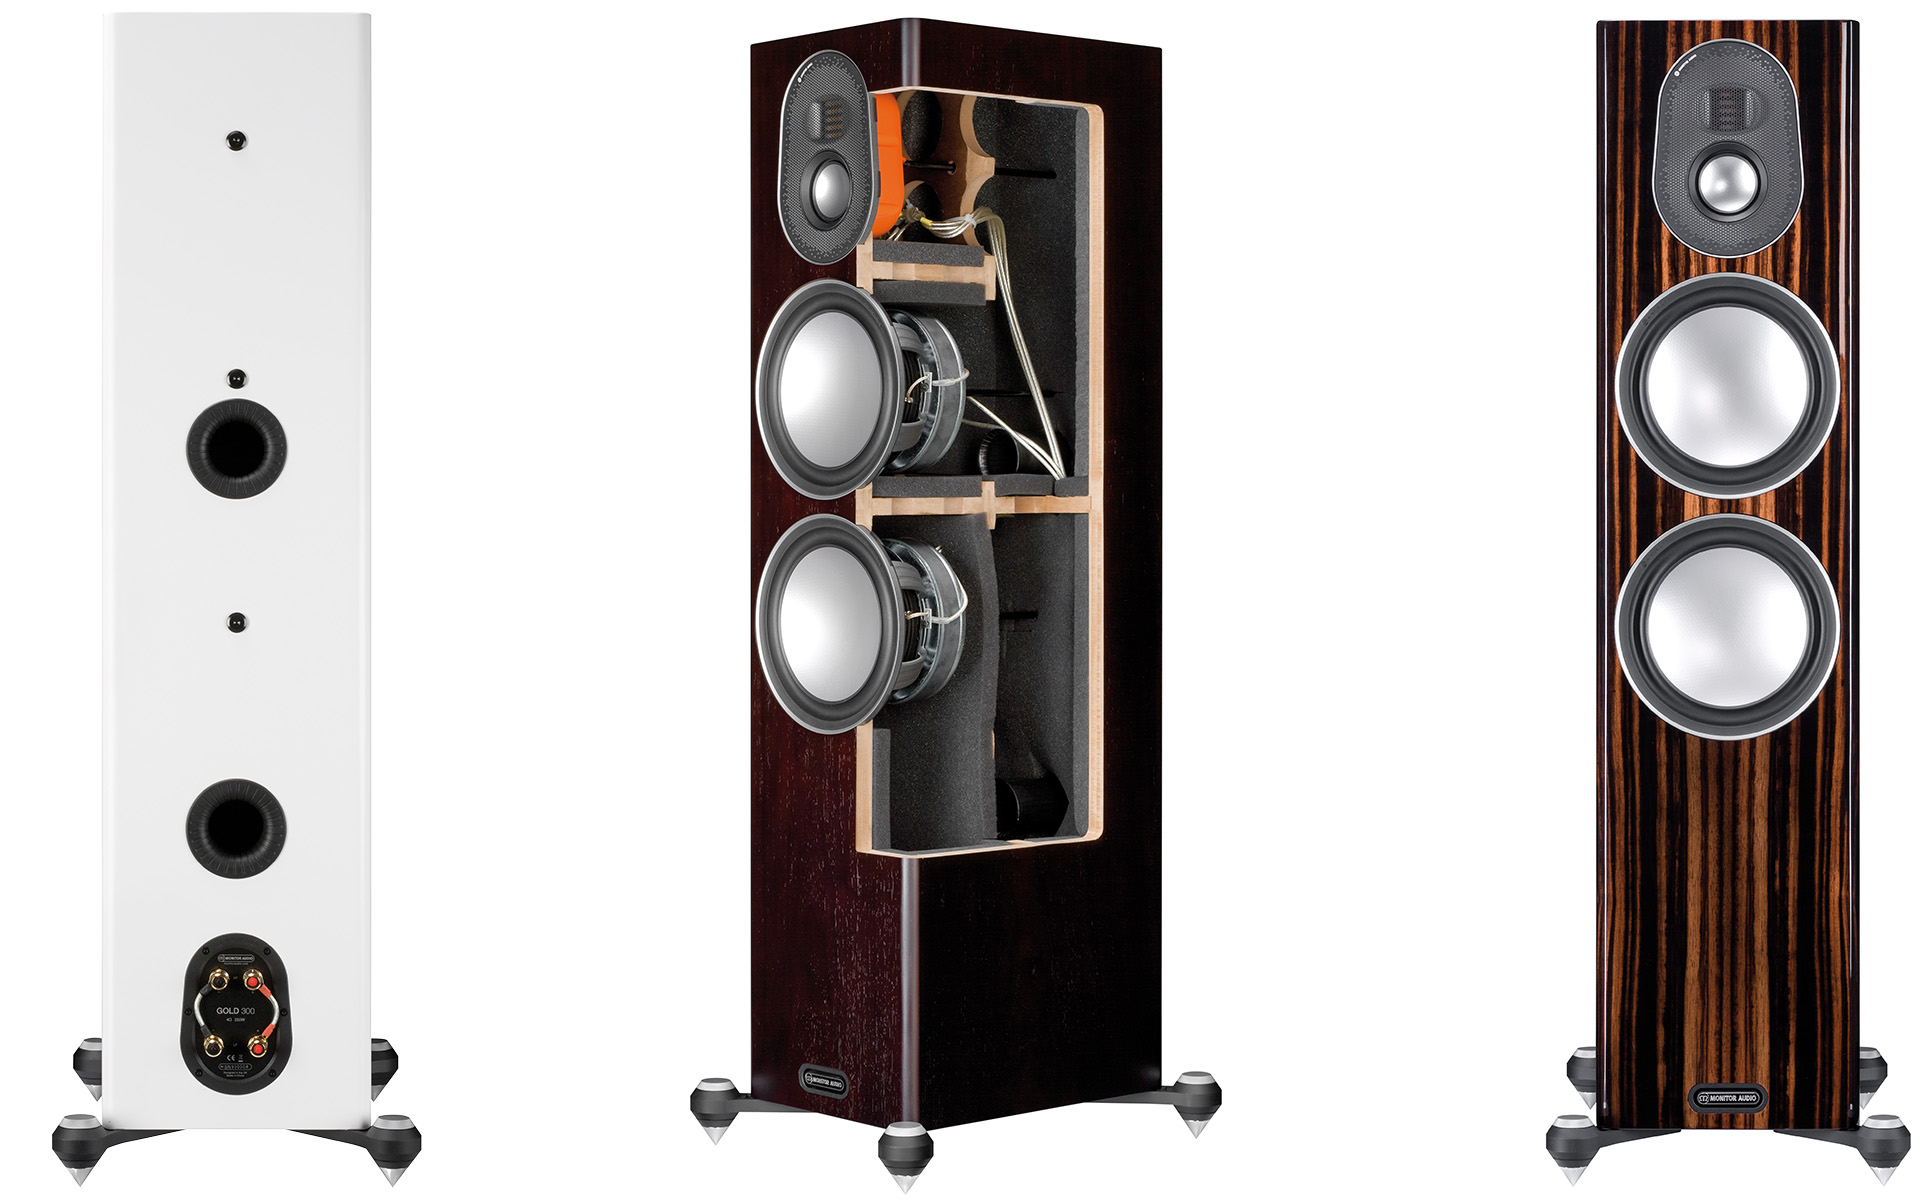 Хотите надёжности? Купите «золото»! Monitor Audio Gold 300 в обзоре The Abso!ute Sound